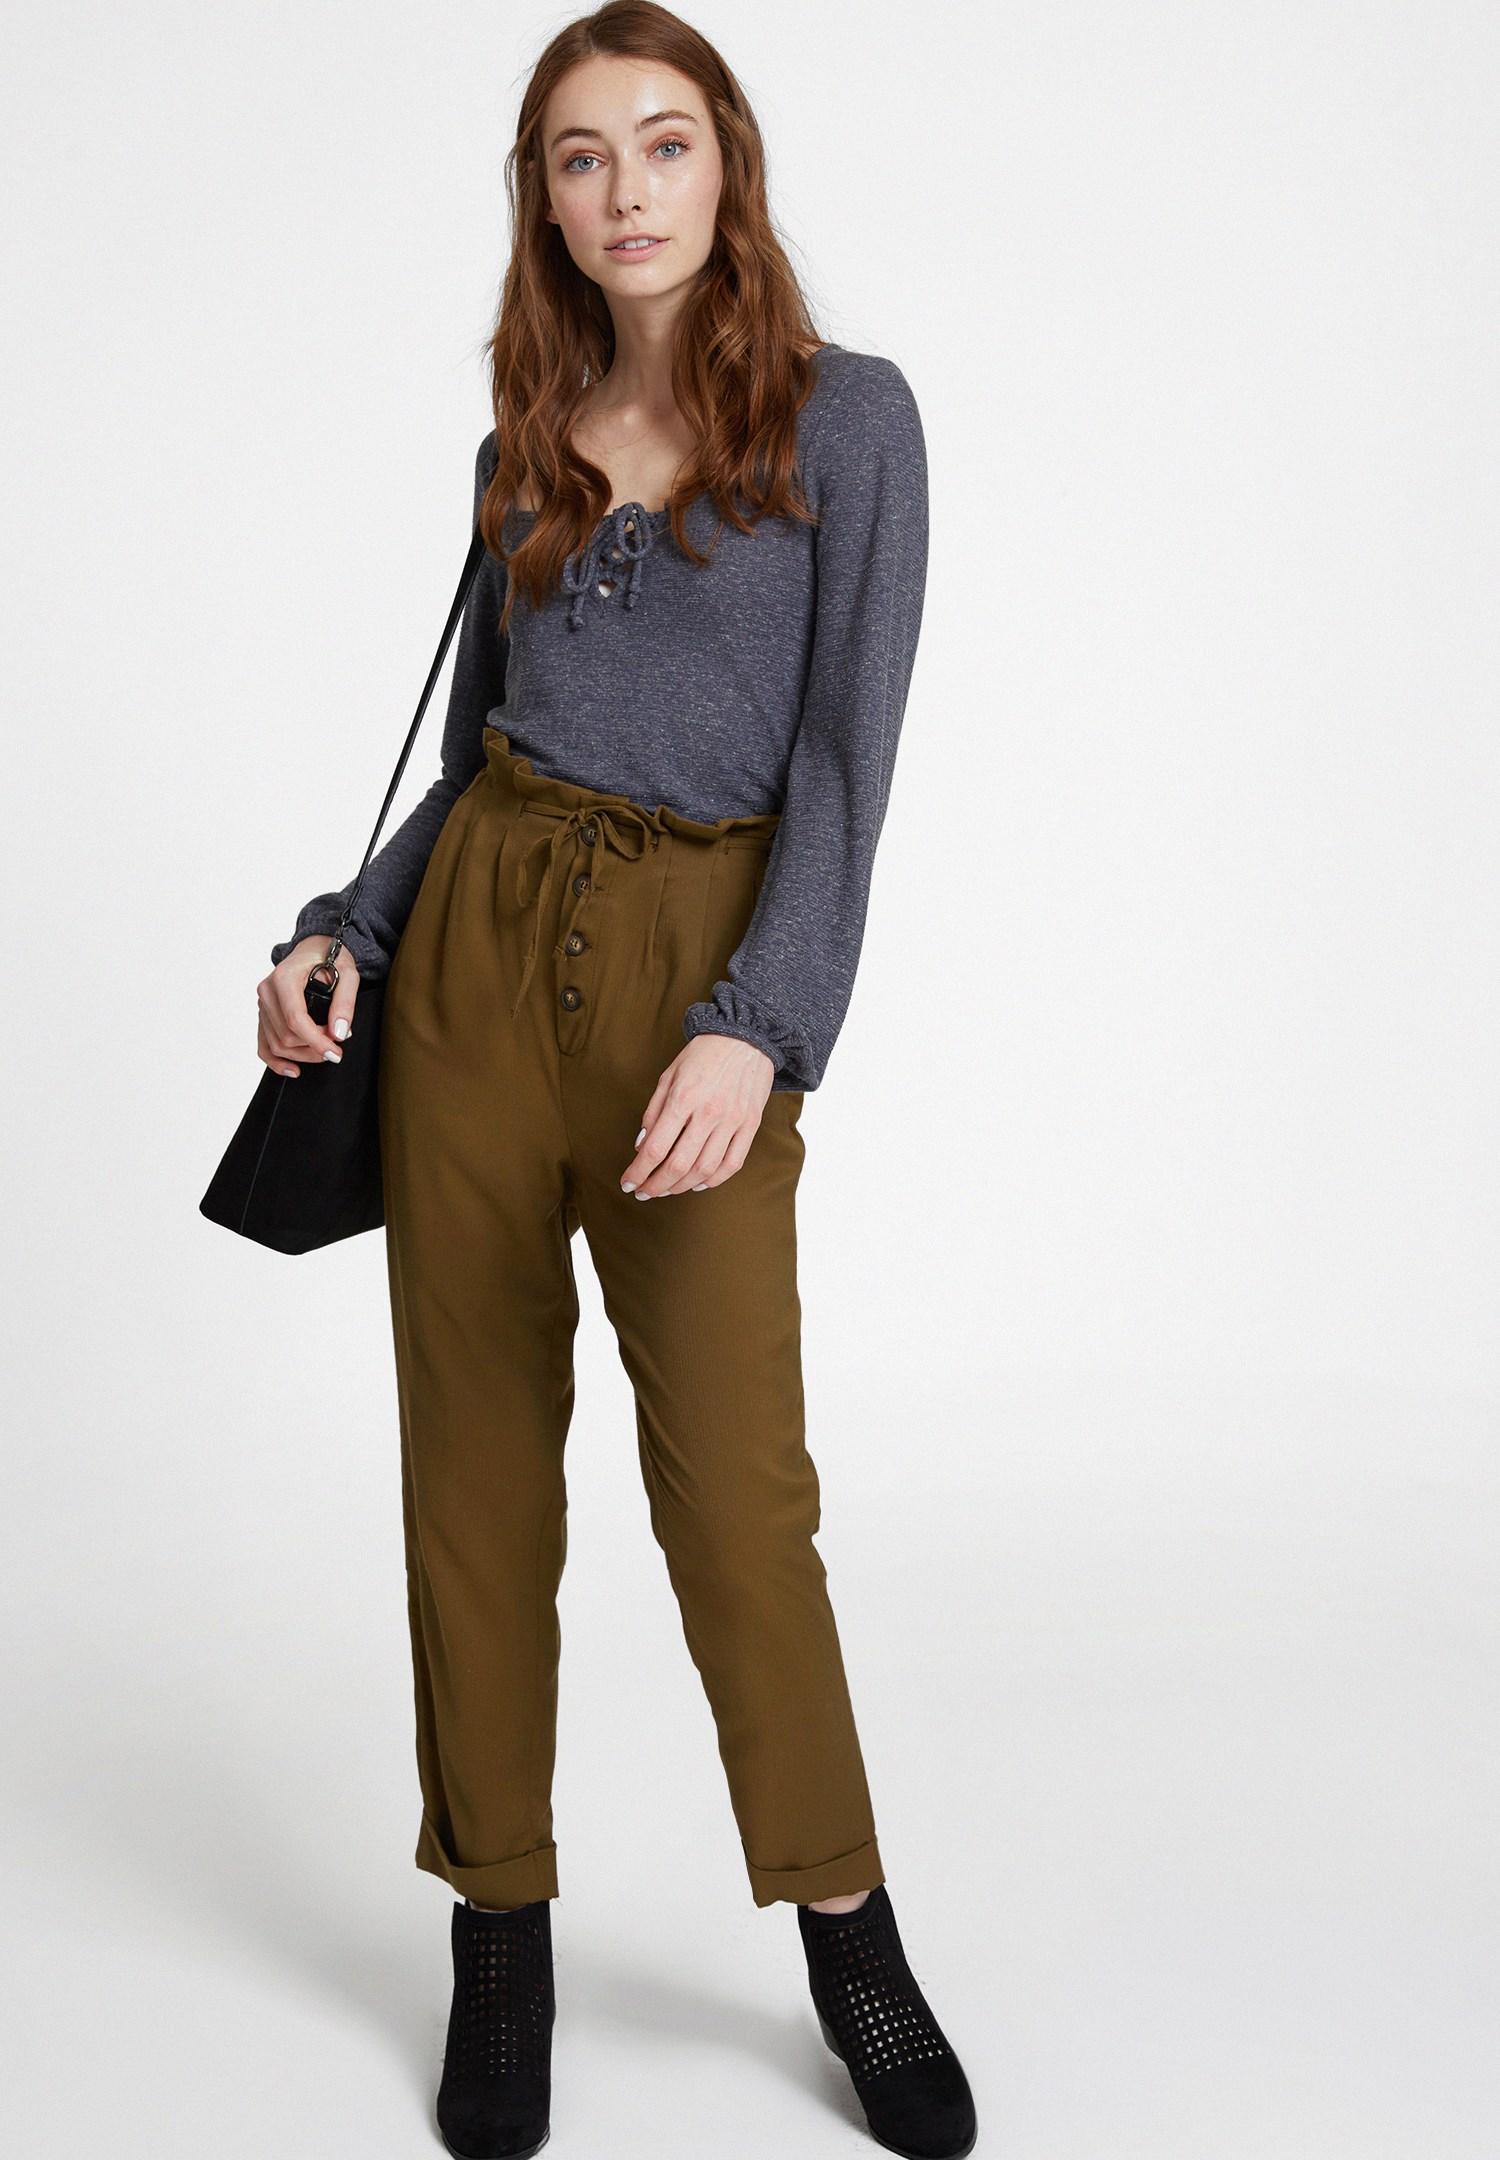 Bayan Yeşil Beli Bağlamalı Düğme Detaylı Pantolon